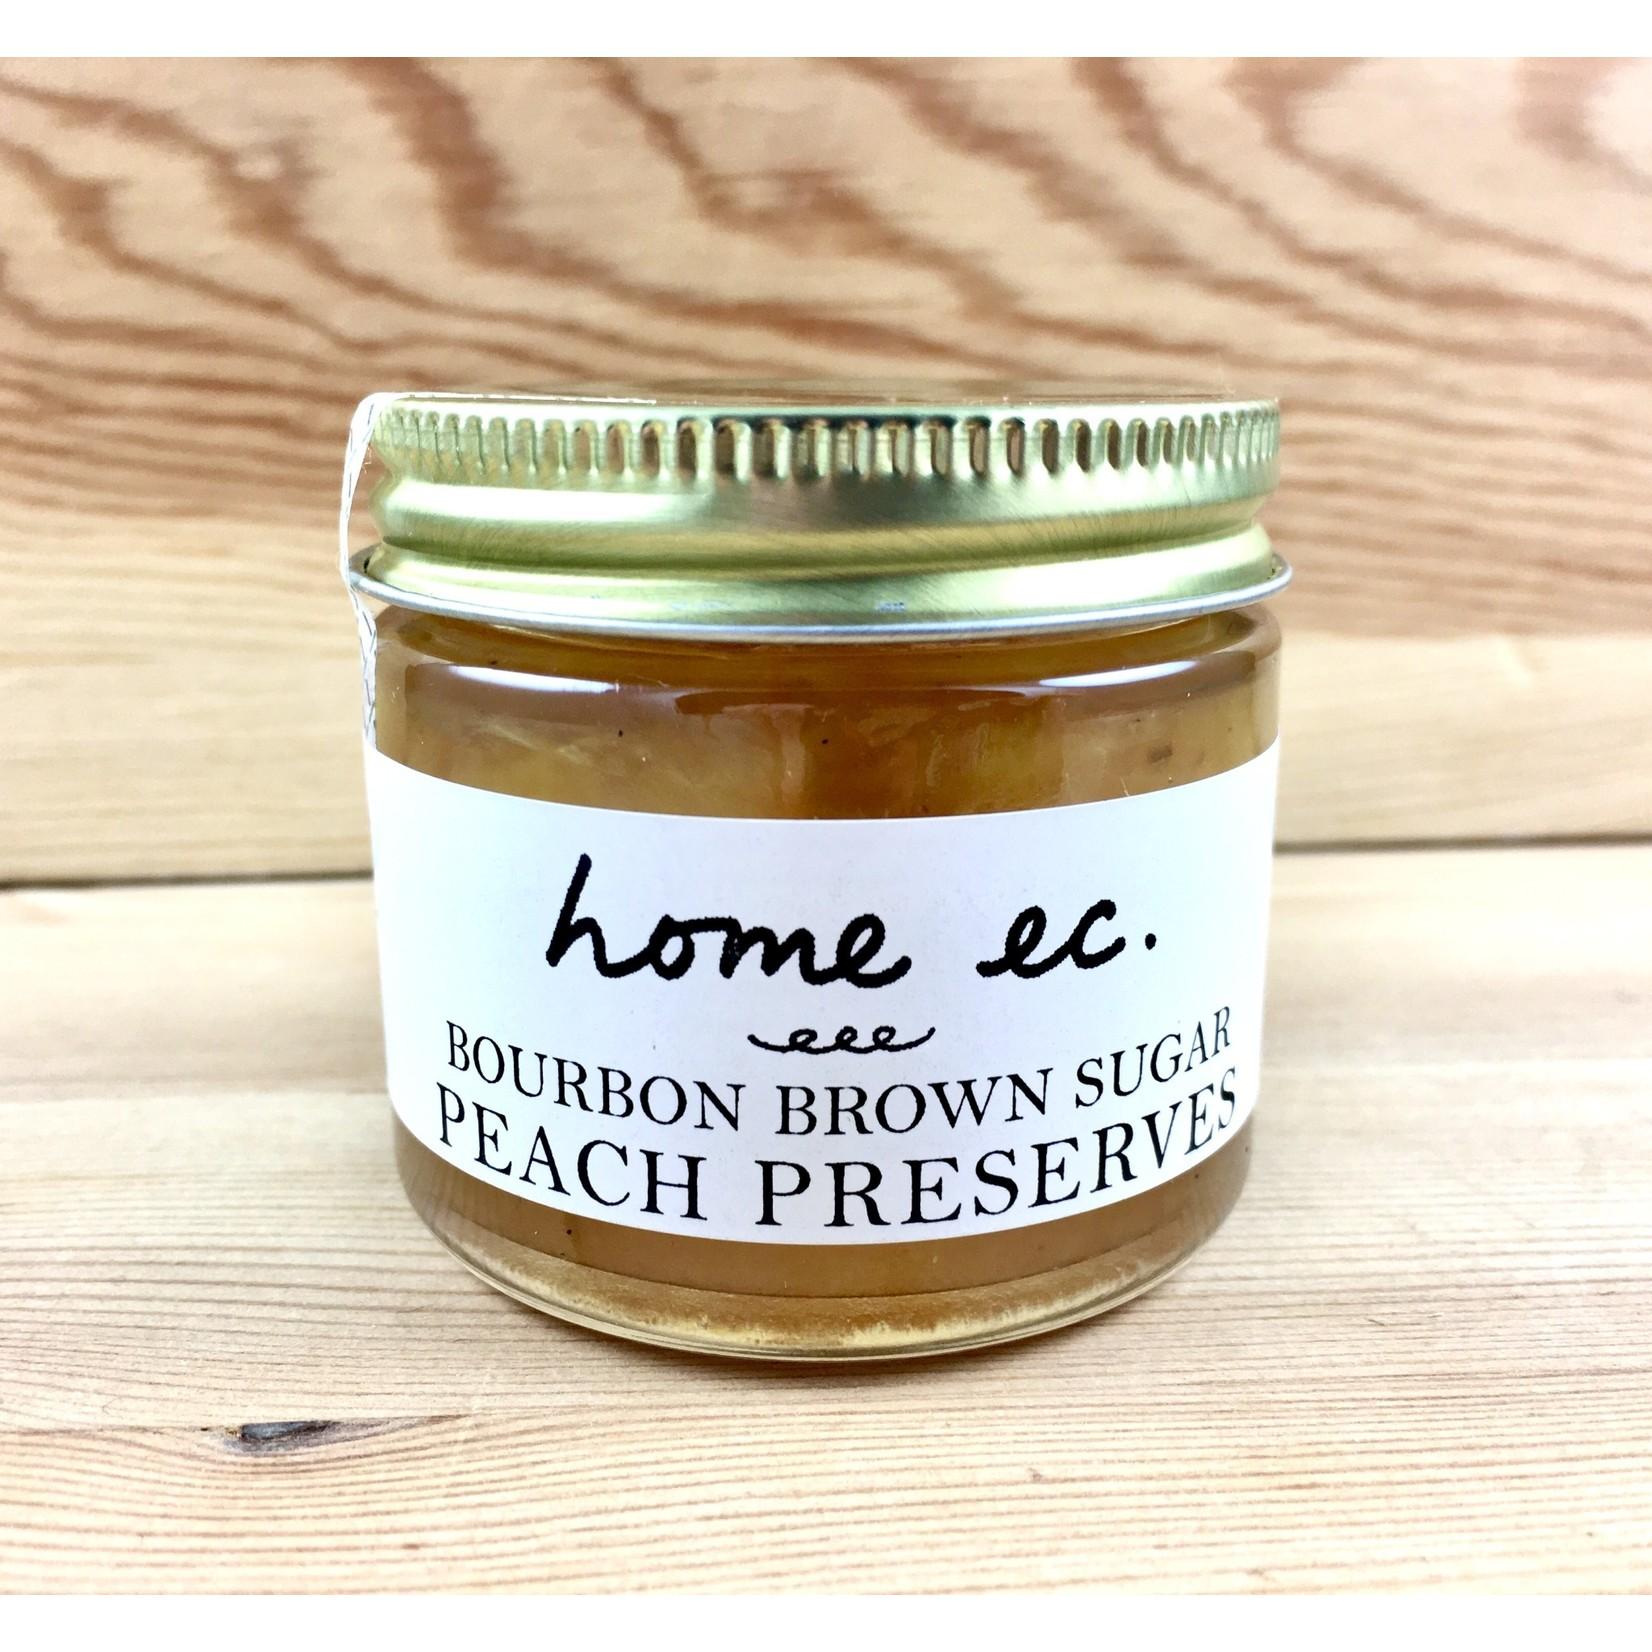 Home Ec. Bourbon Brown Sugar Peach 2oz. Preserves